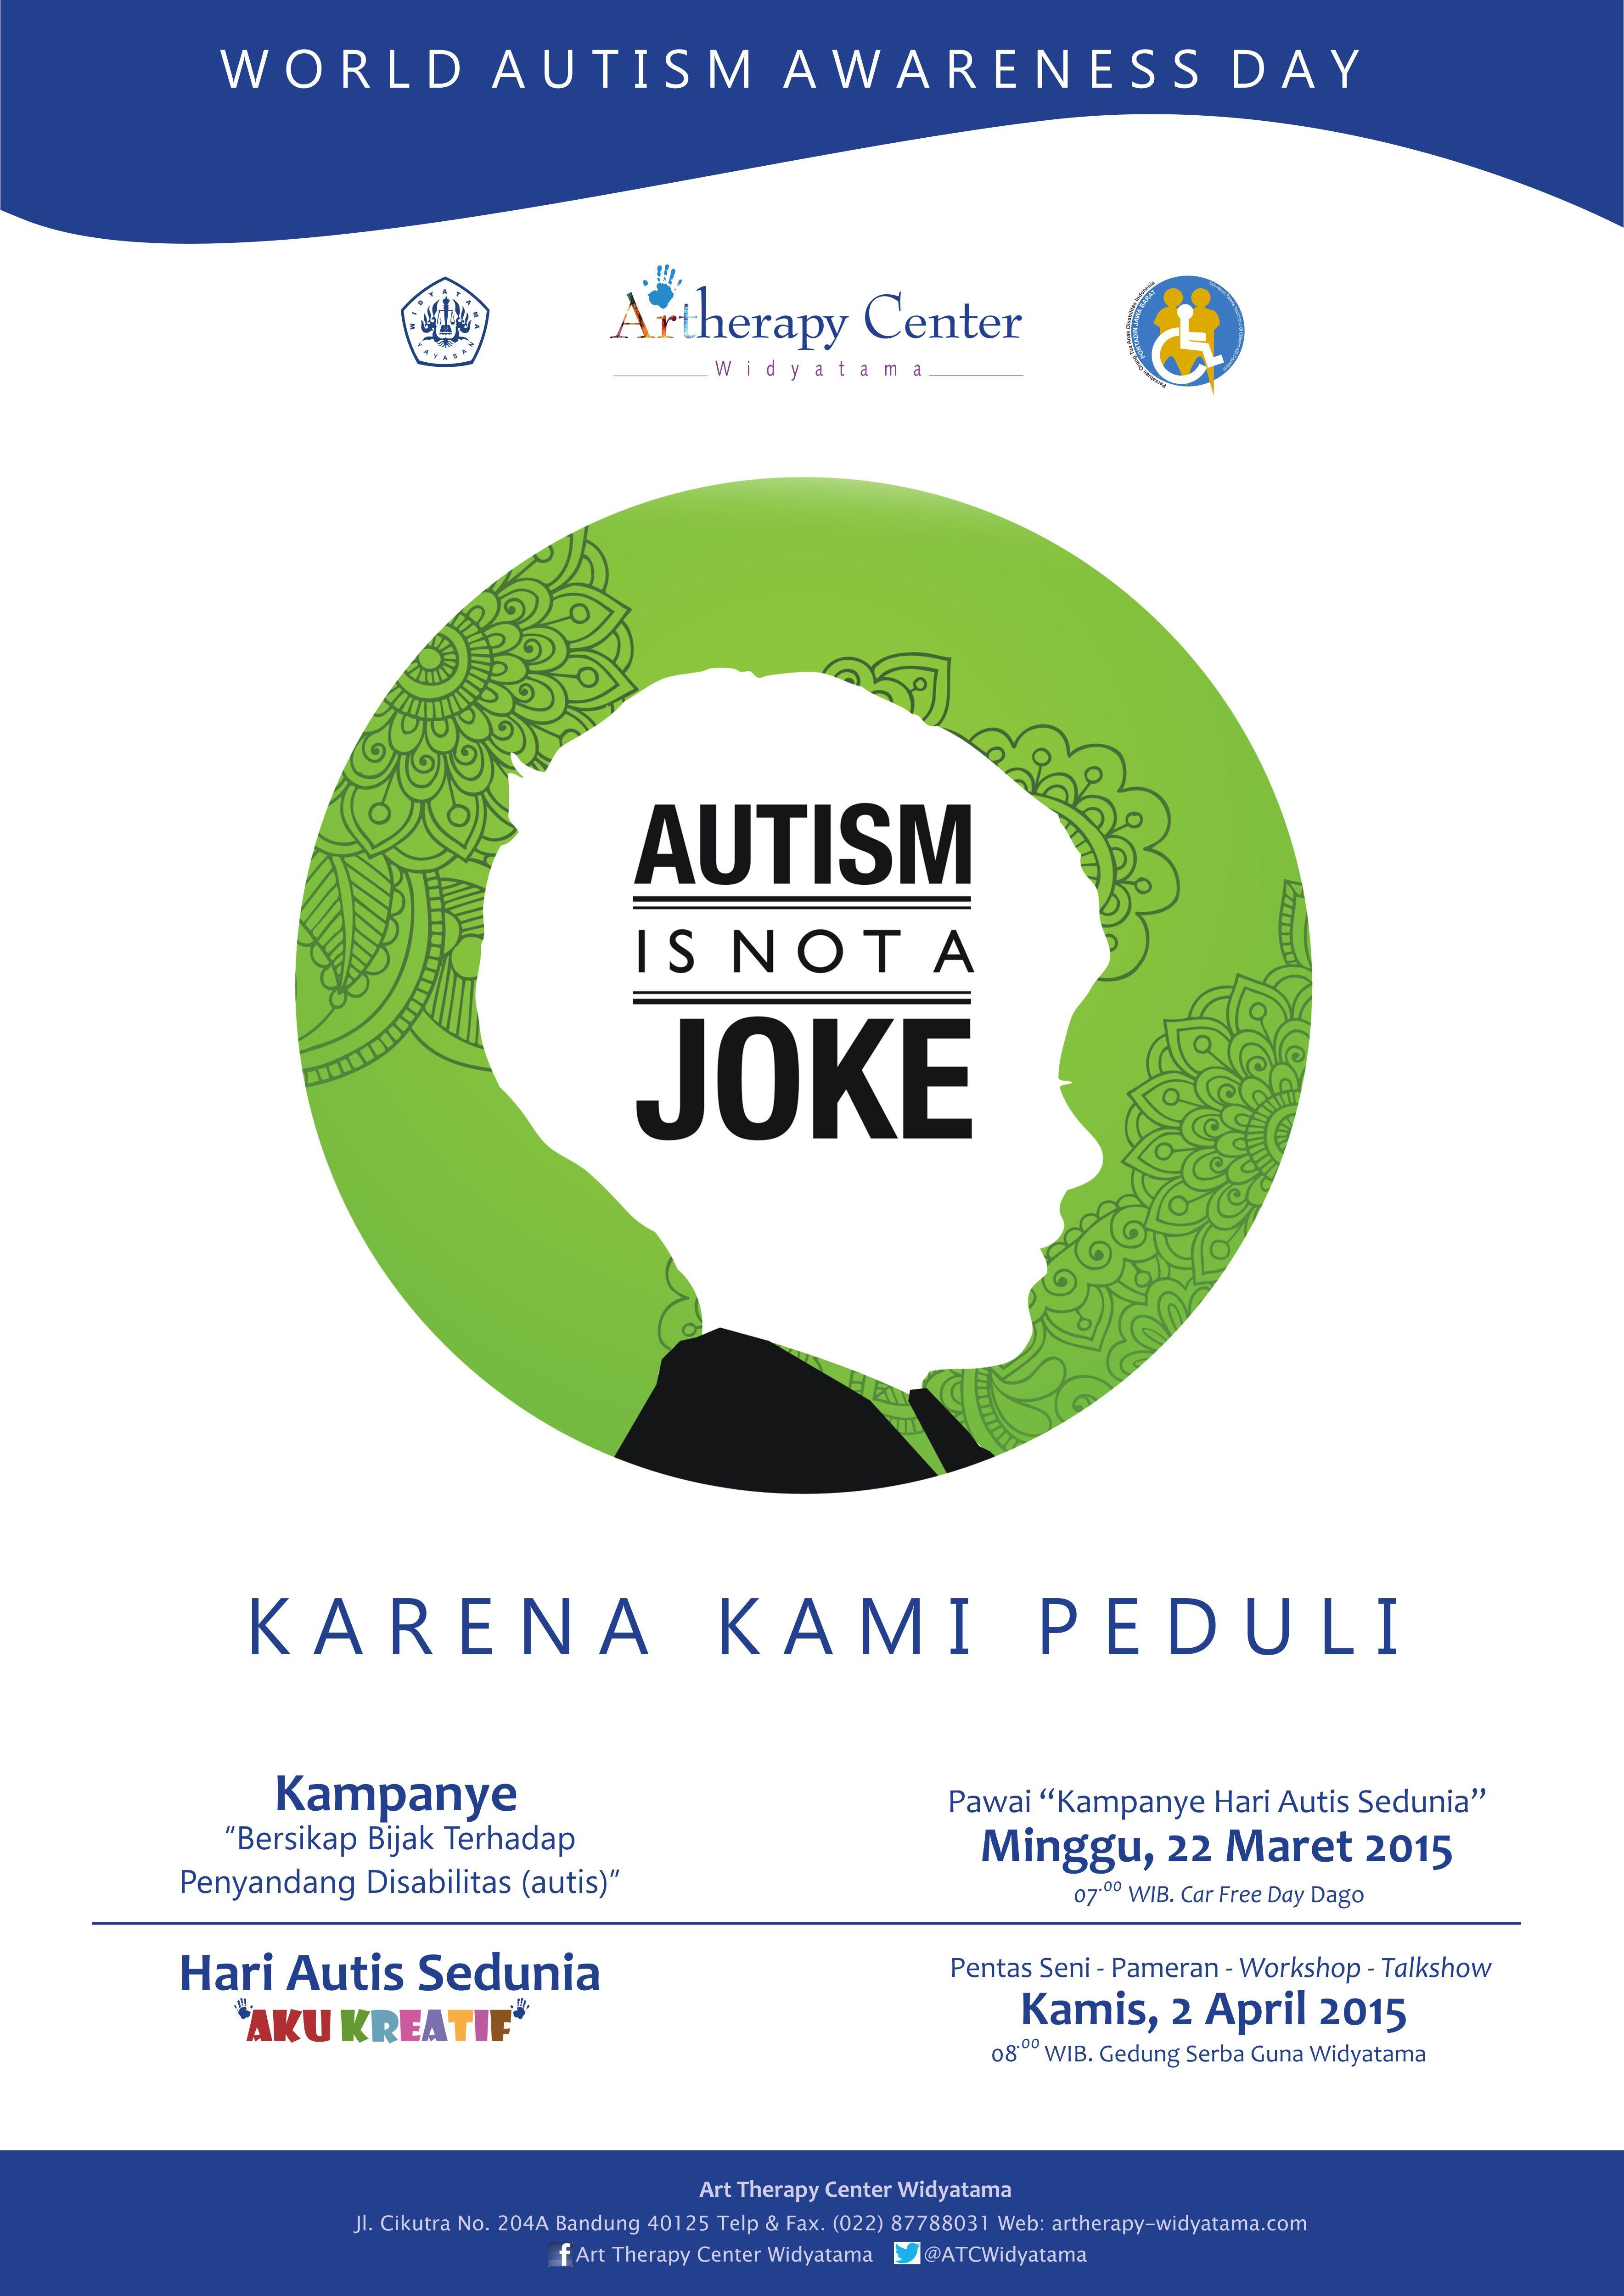 Autism Is Not Joke